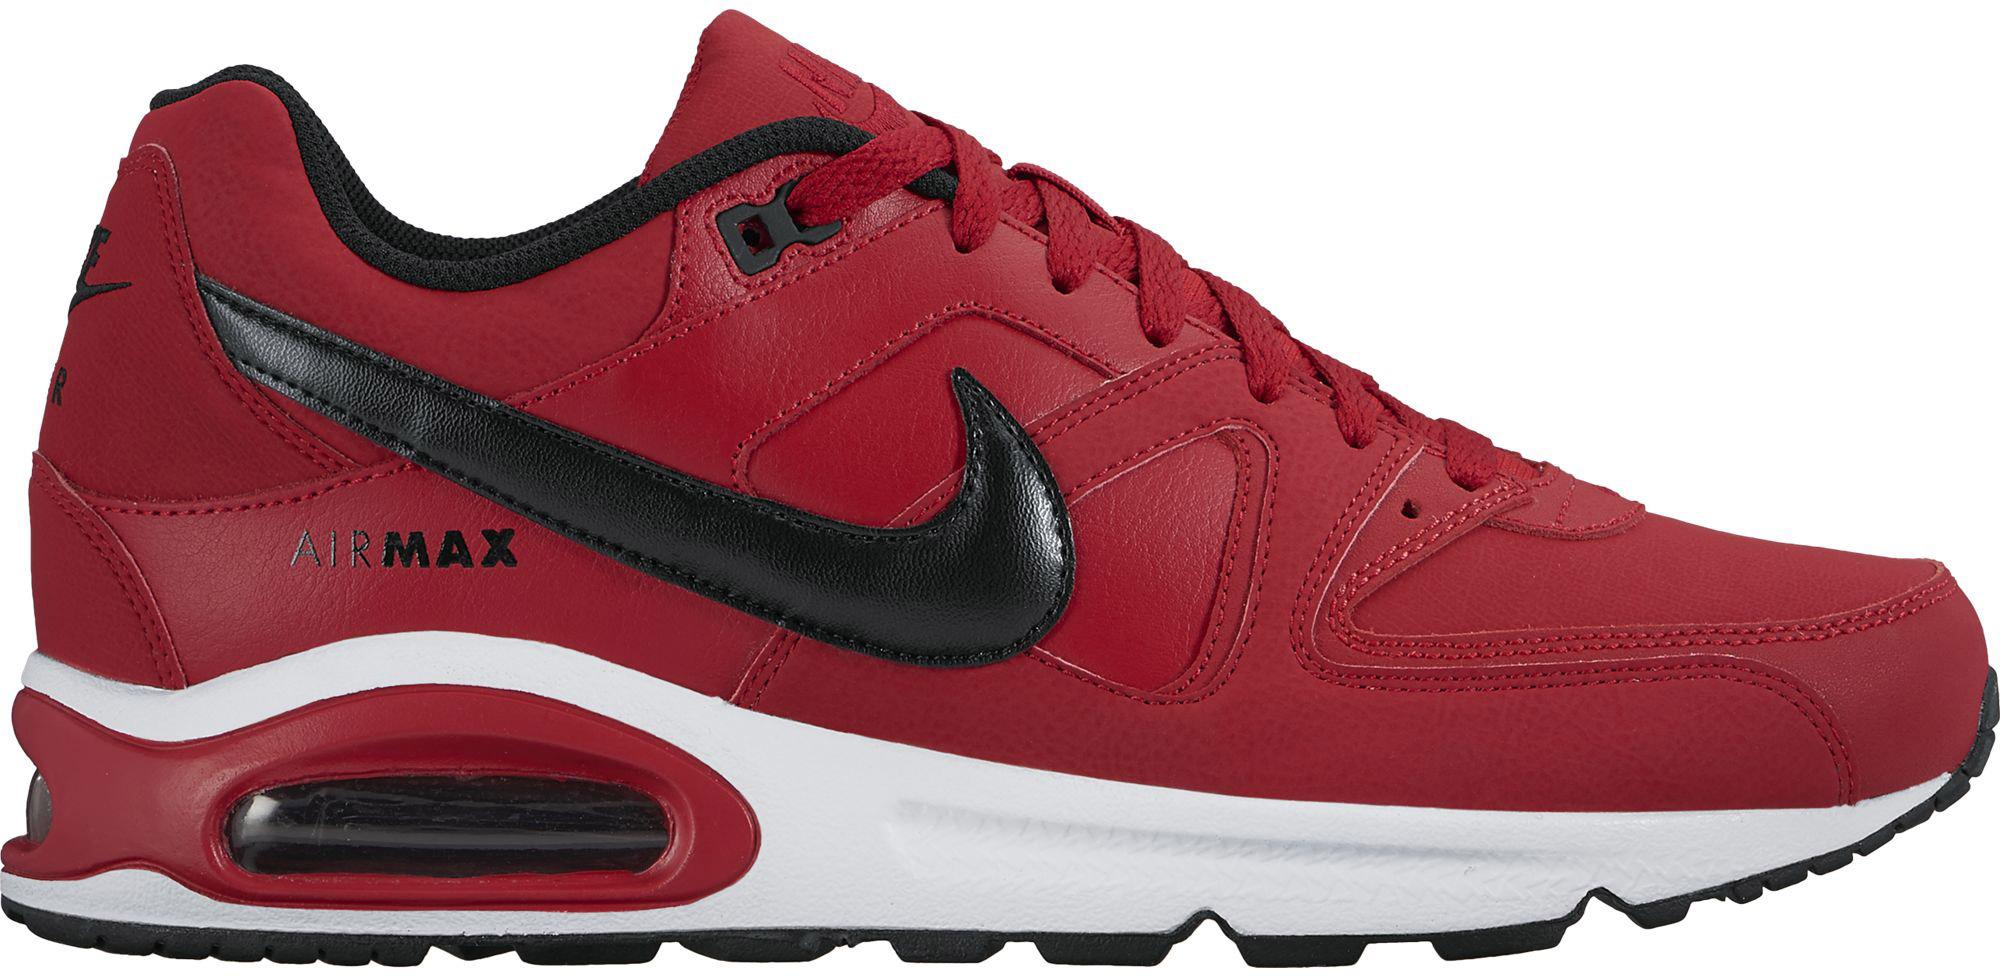 7f33b1cad Nike AIR MAX COMMAND. Pánske lifestylové topánky